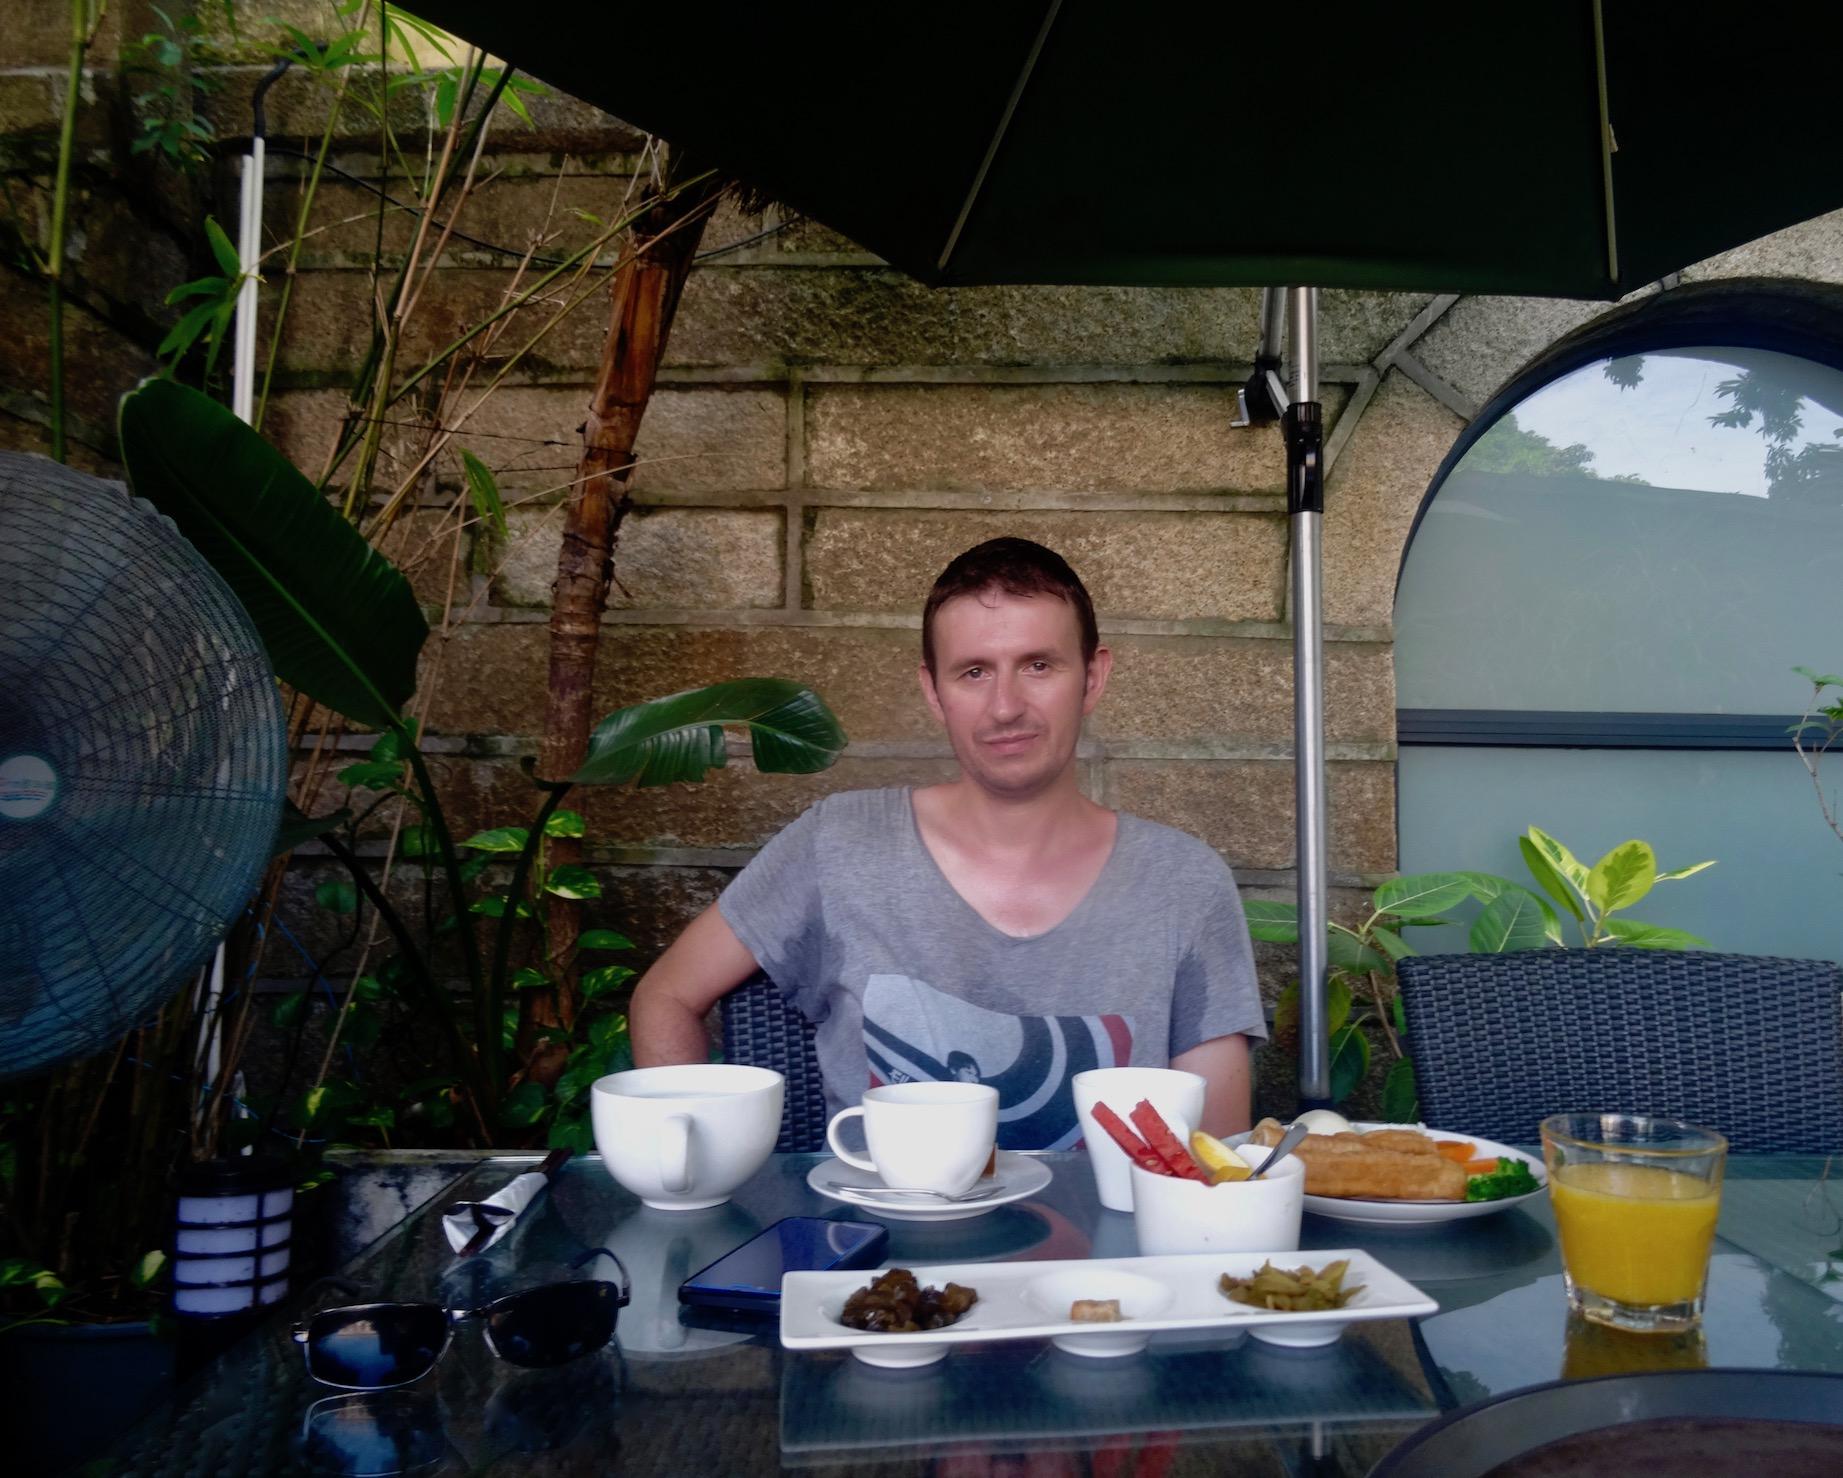 Courtyard restaurant Gulangyu Island Xiamen Fujian province China